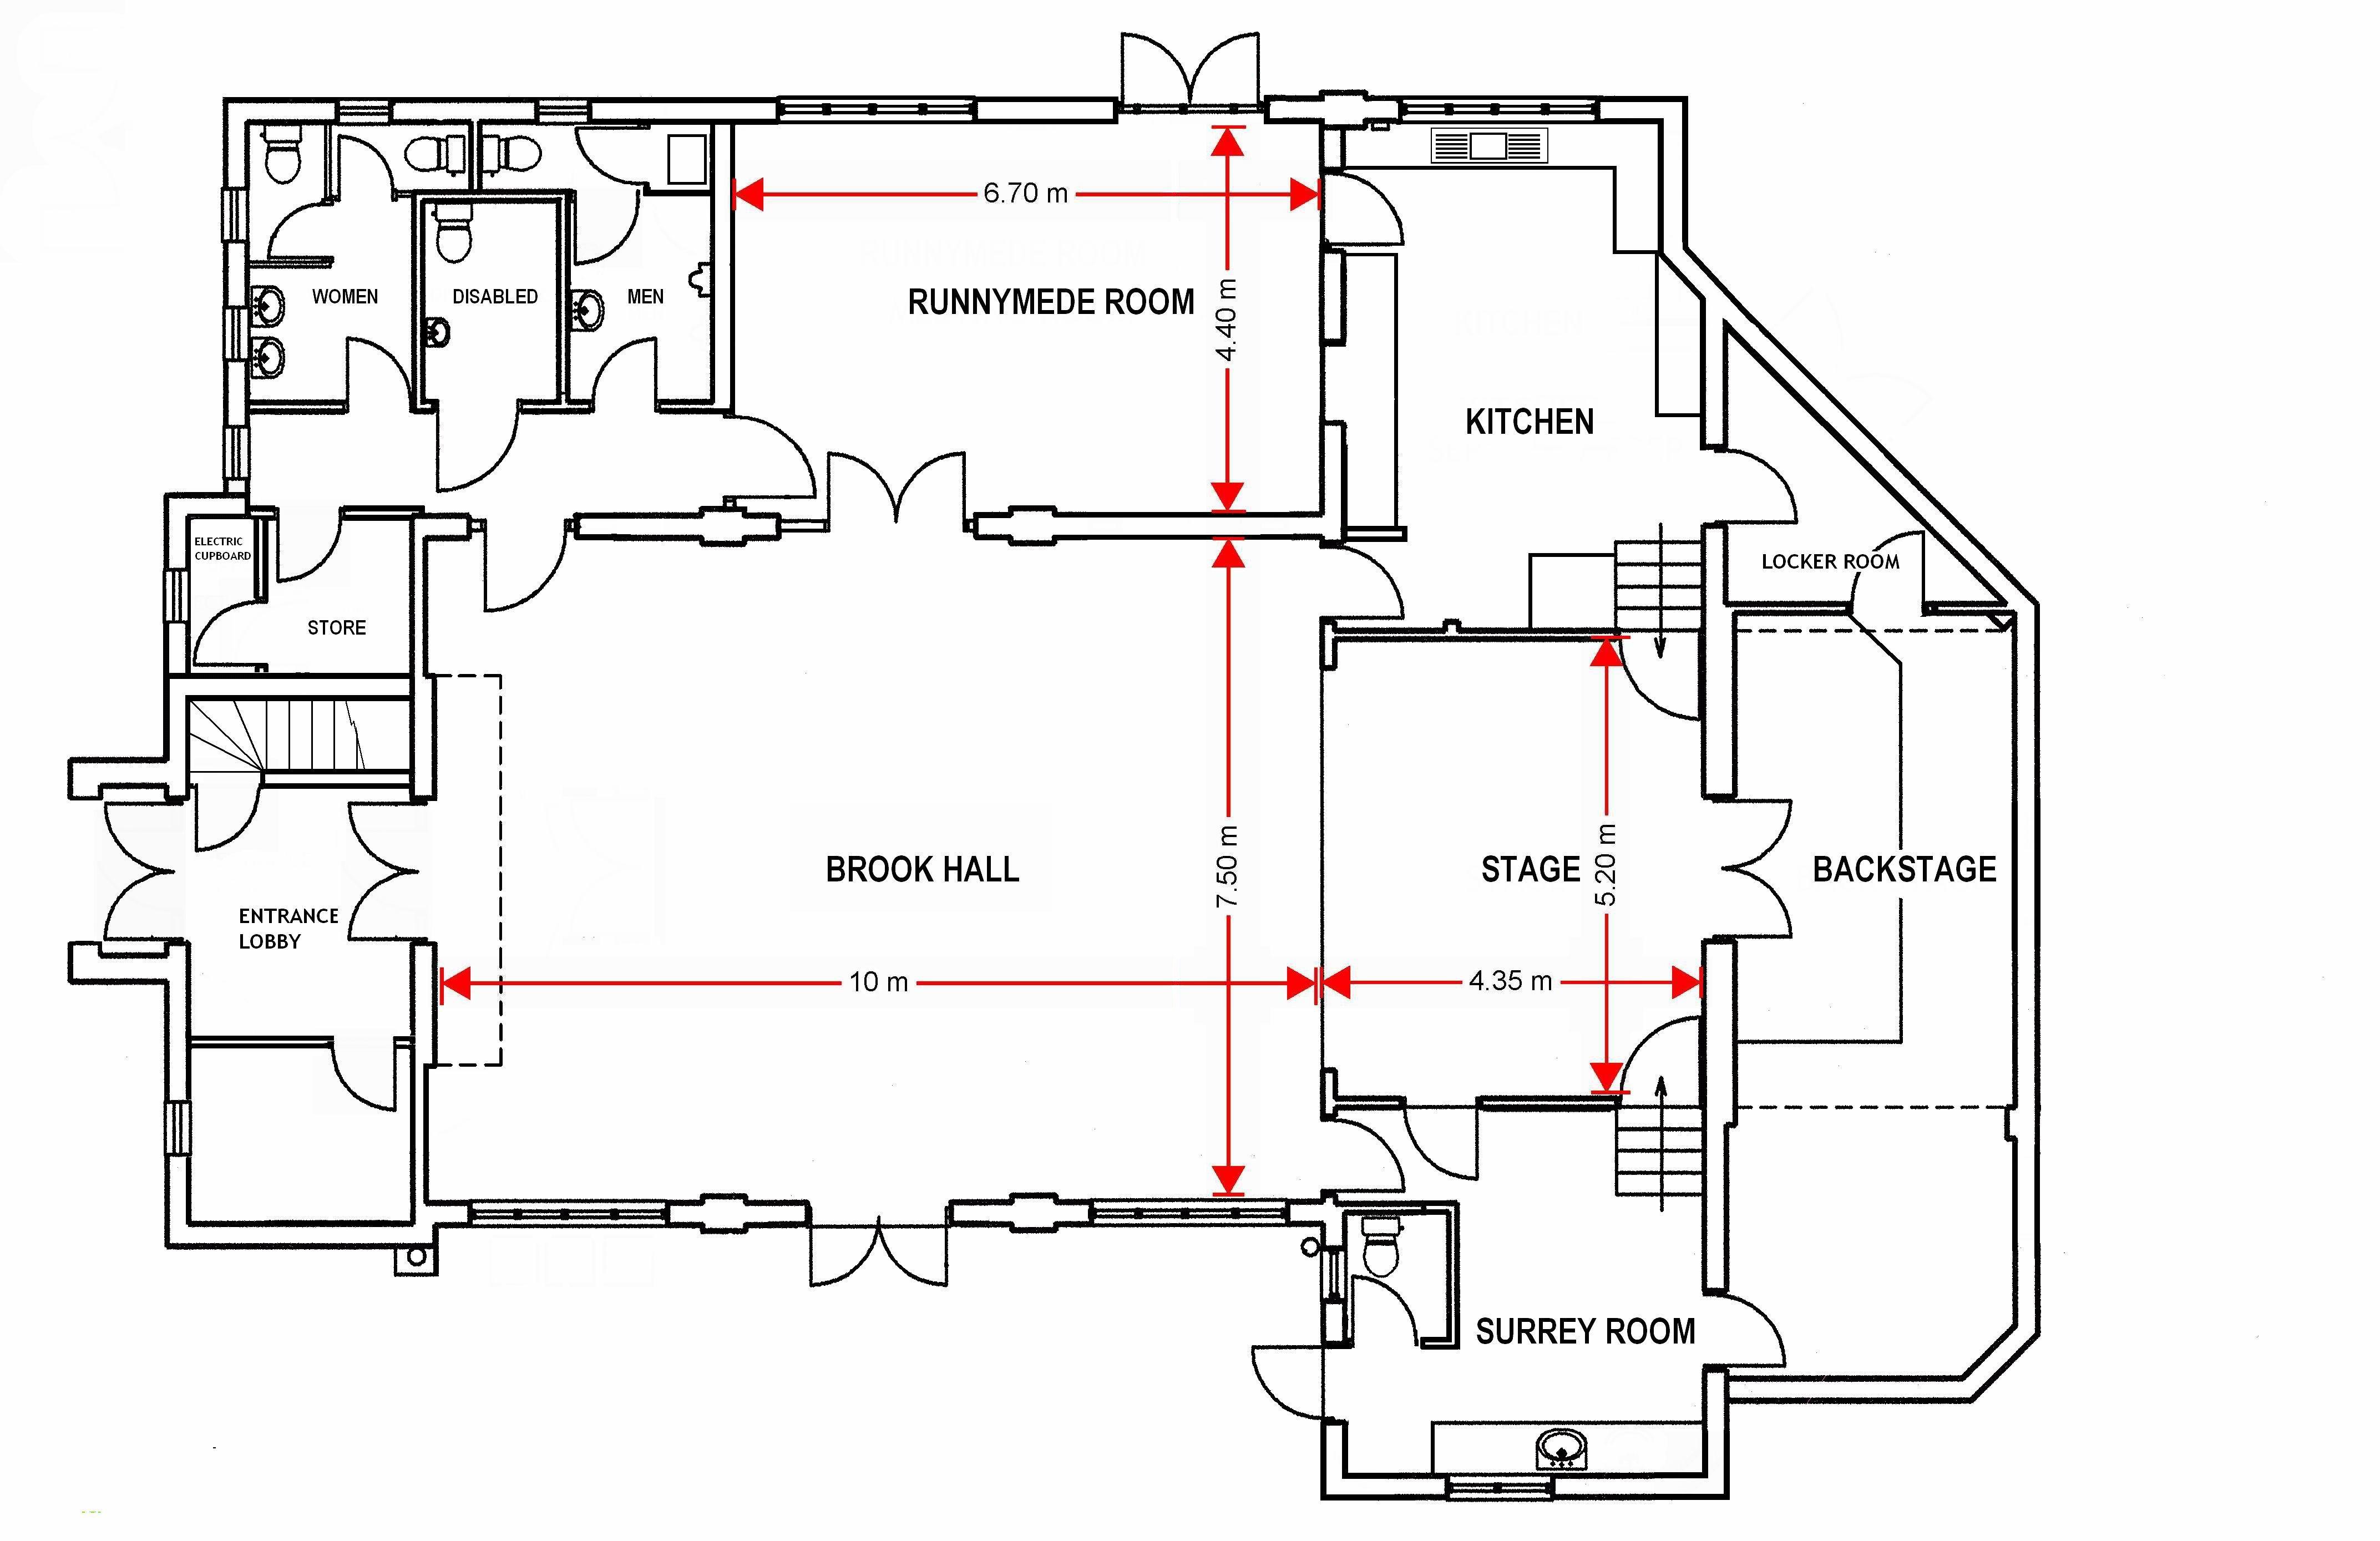 Locker Room Floor Plan Dimensions Locker room floor plan showing